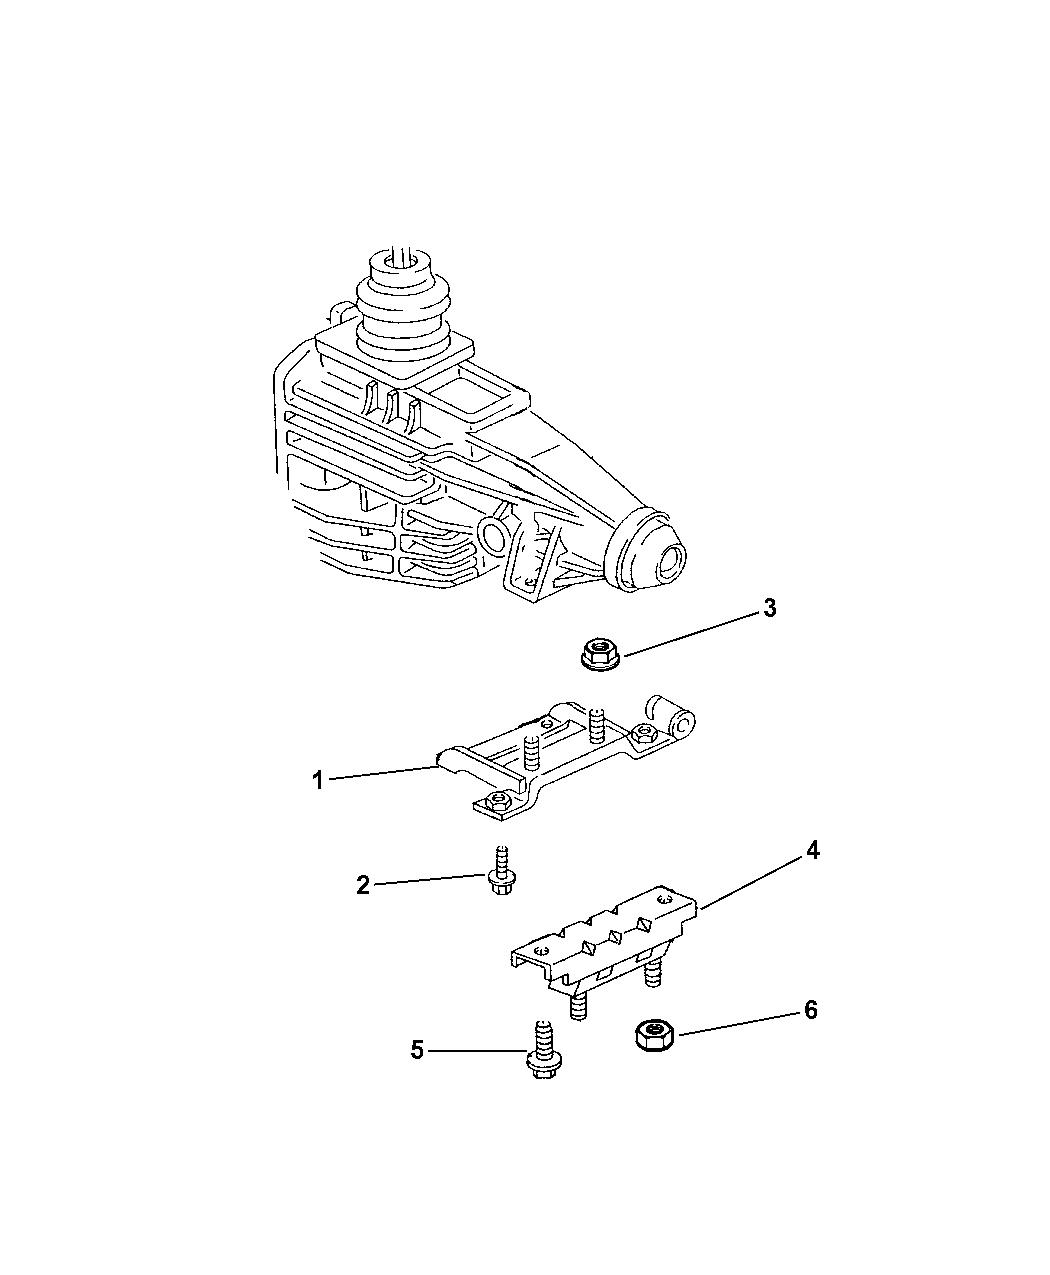 Manual Trans Transaxle Mount-Engine Mount Bracket Rear Mopar 52019641